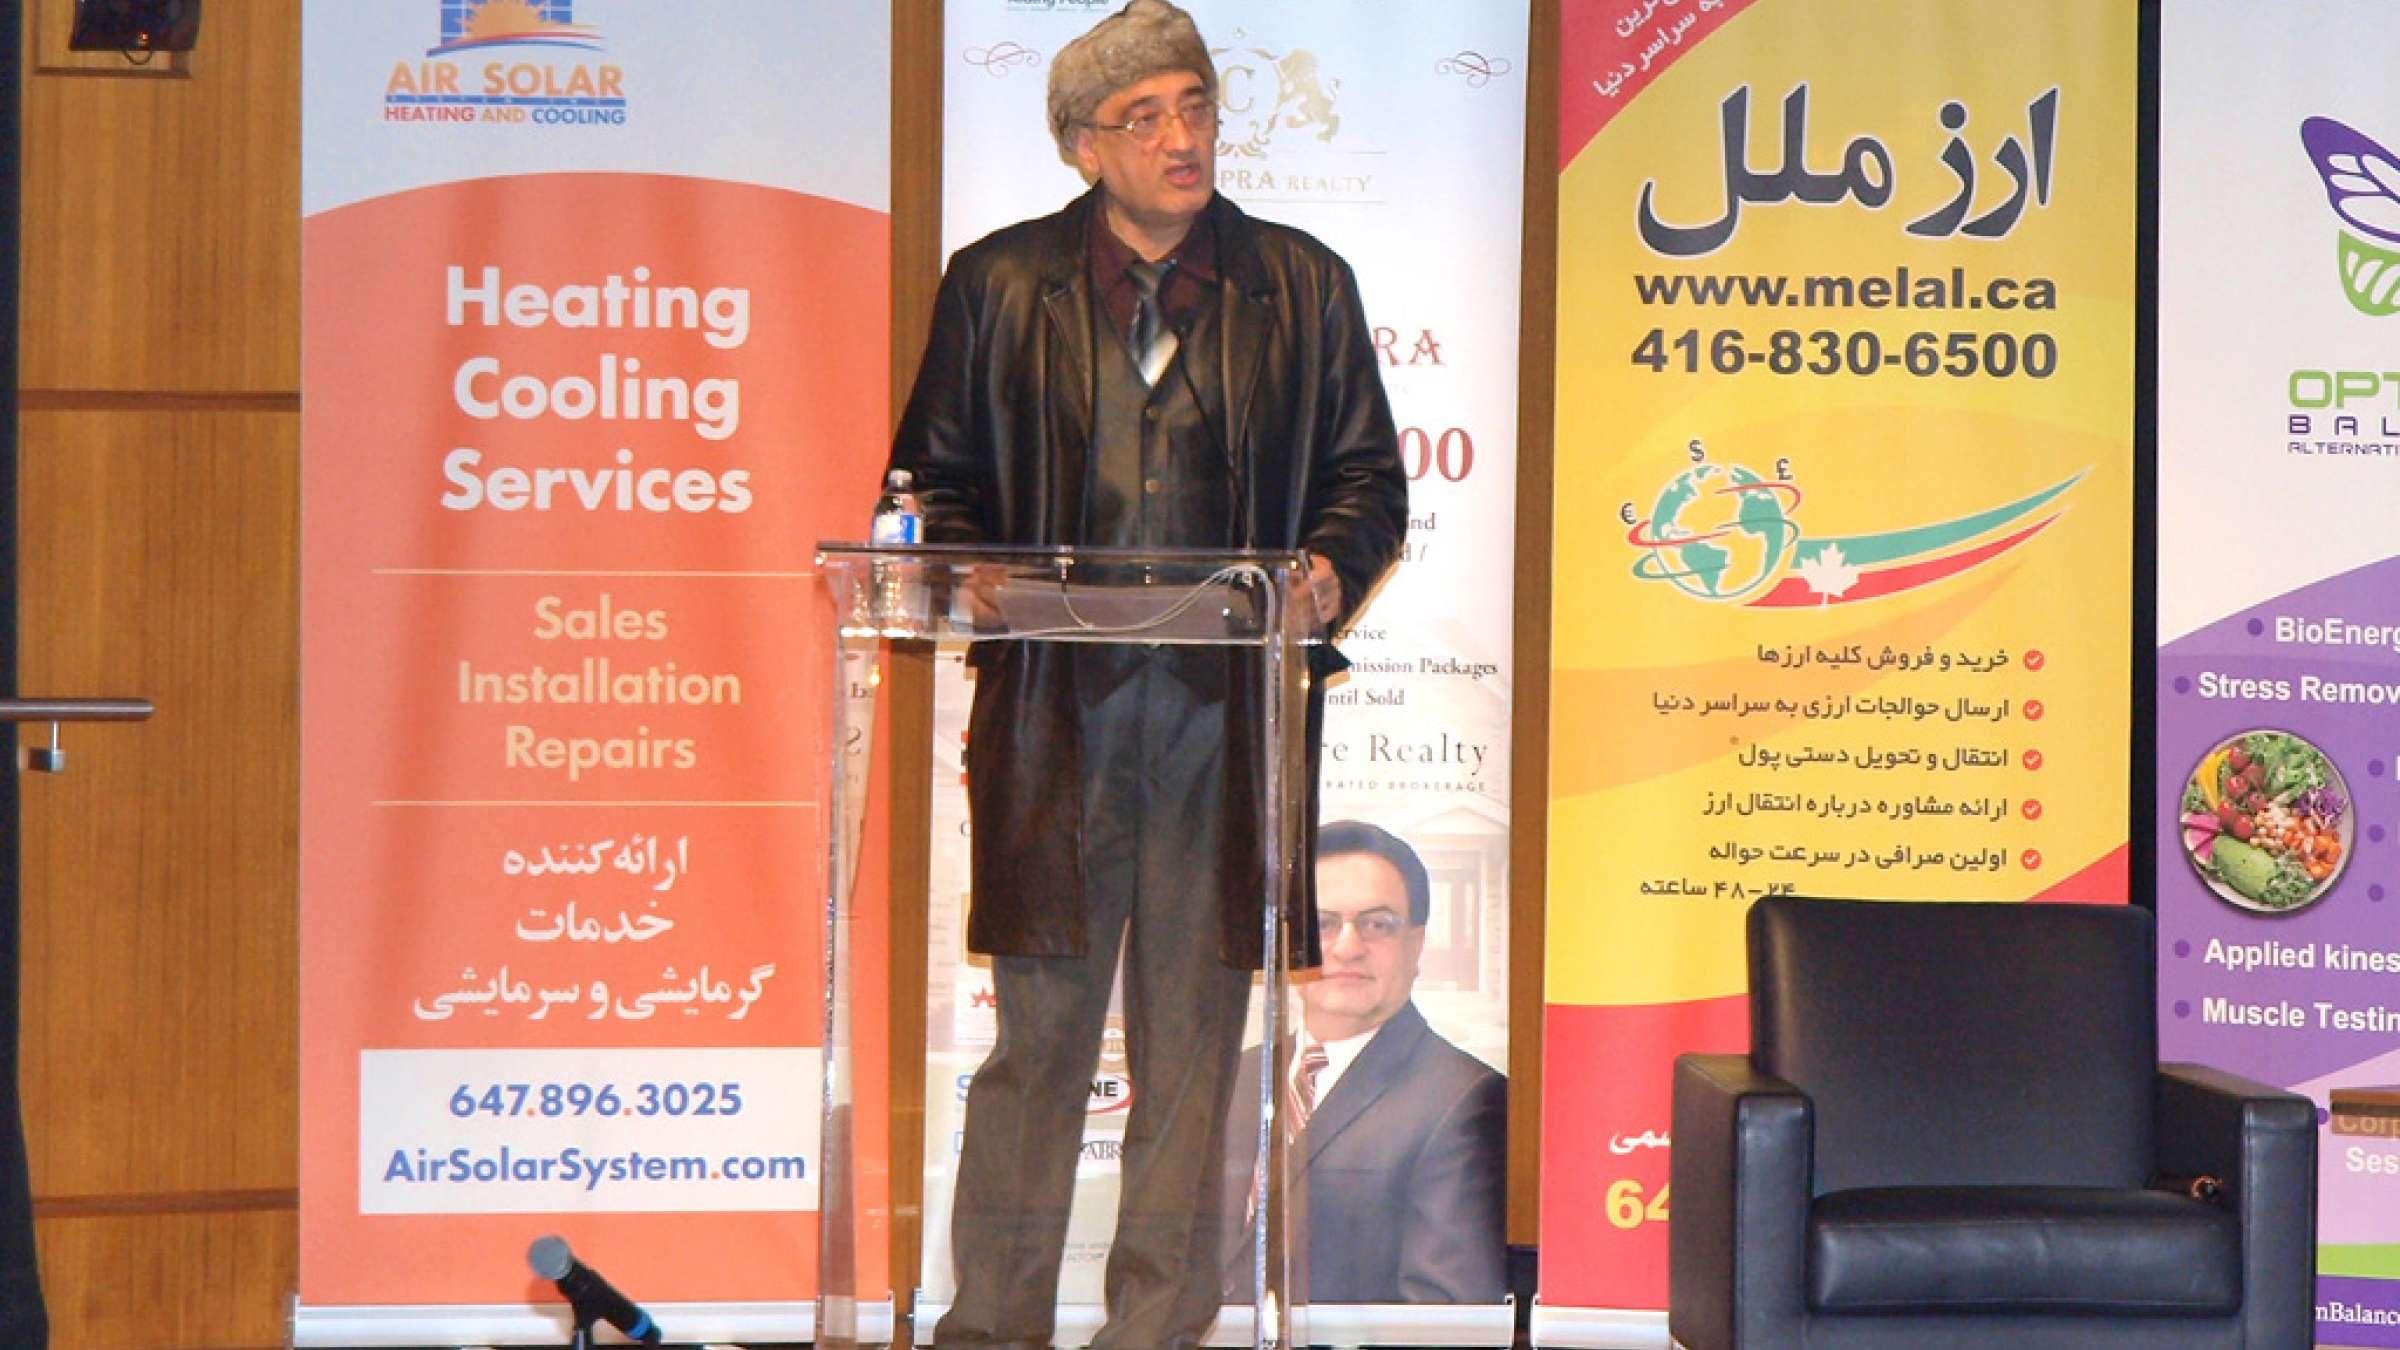 گزارش-روز-برگزاری-بزرگترین-سمینار-سرطان-ایرانیان-در-کانادا-احمدرضا-باکی